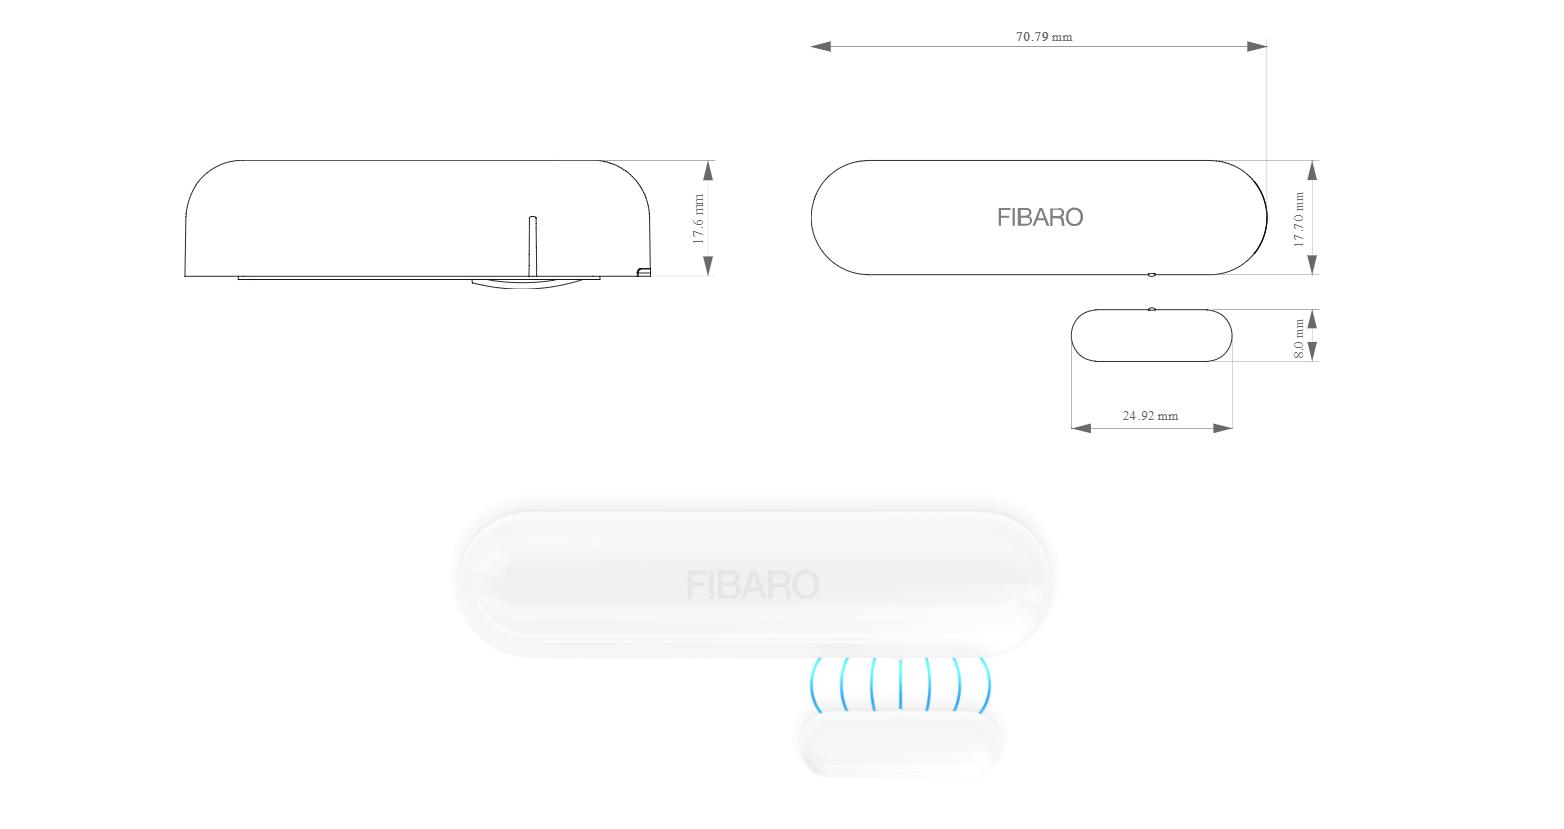 Cảm biển cửa nhà thông minh smarthome Door Sensor 2 FIBARO